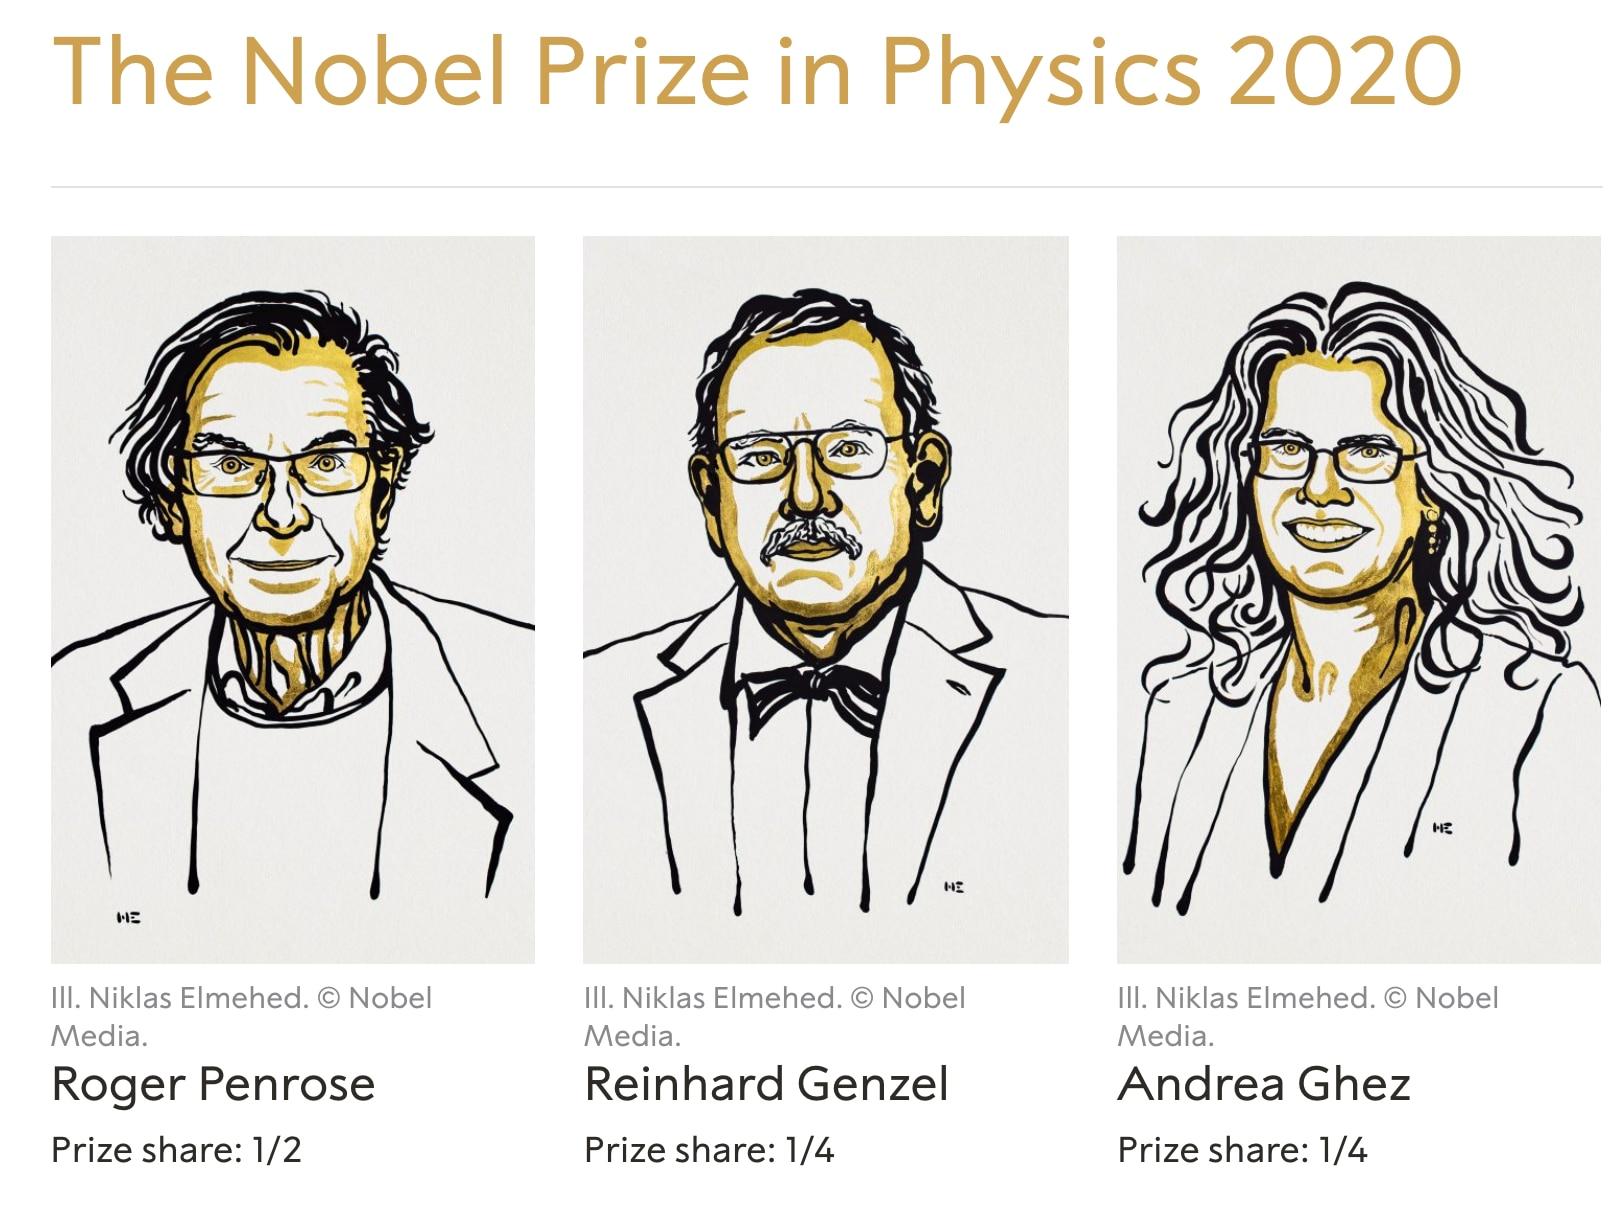 2020 फिज़िक्स नोबेल जीतने वाले तीन वैज्ञानिक और उनका हिस्सा. (नोबेल)